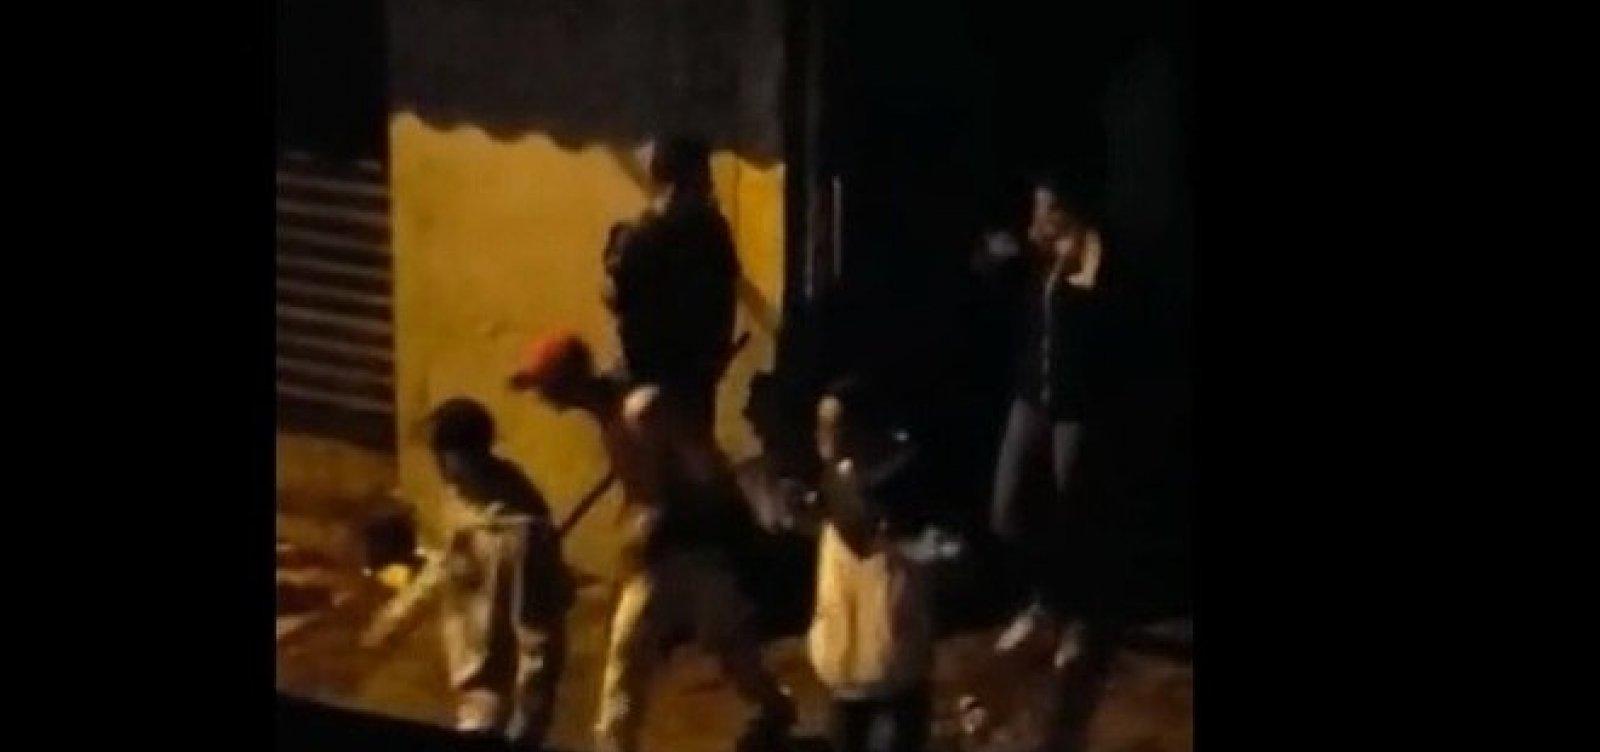 Policial que agride jovens com barra em Paraisópolis foi afastado, diz PM